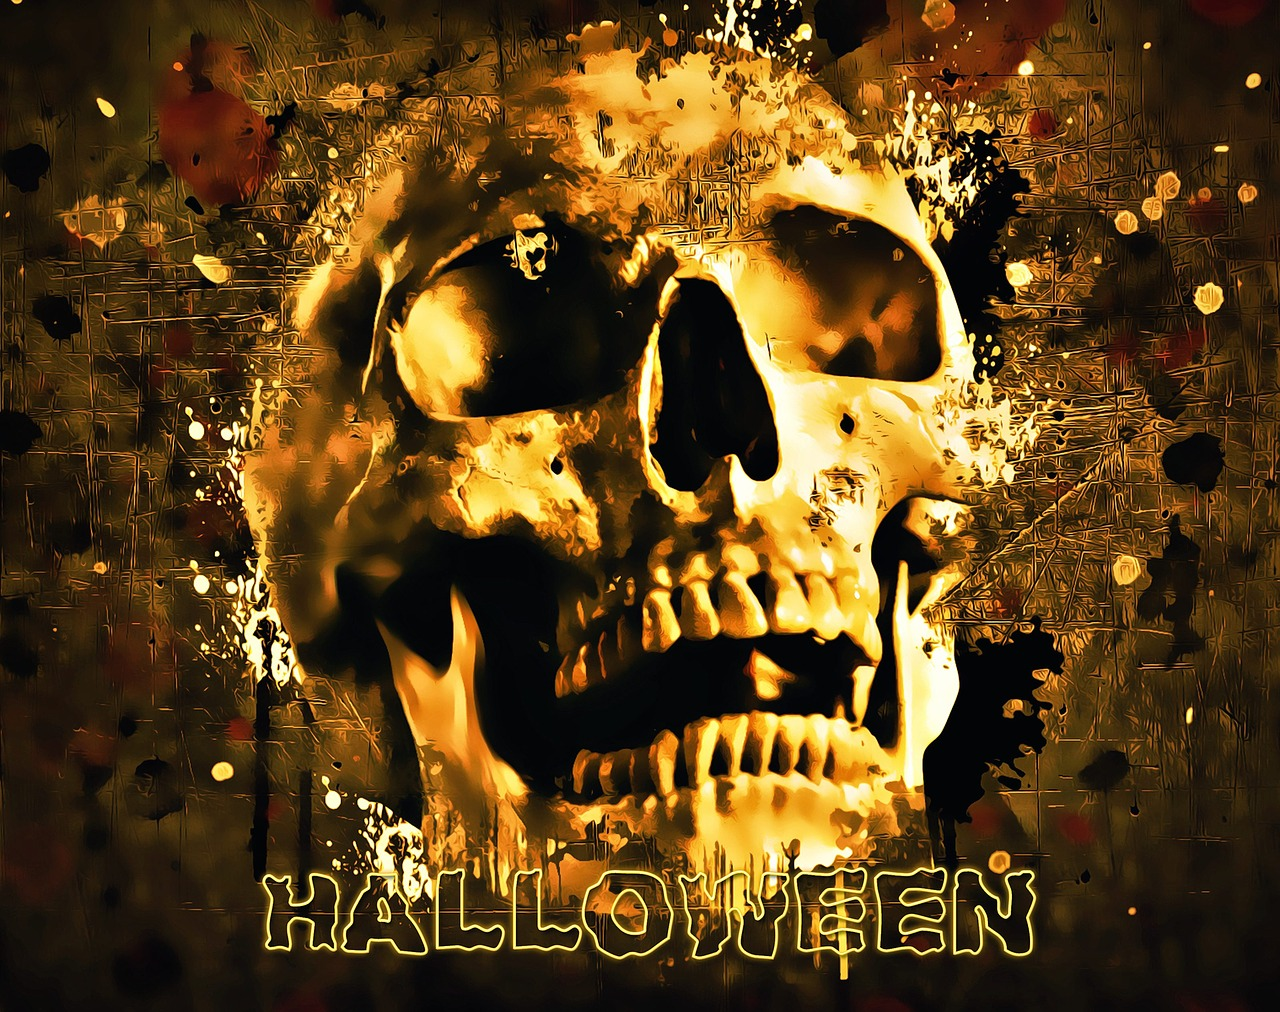 картинки черепов из хэллоуина была создана